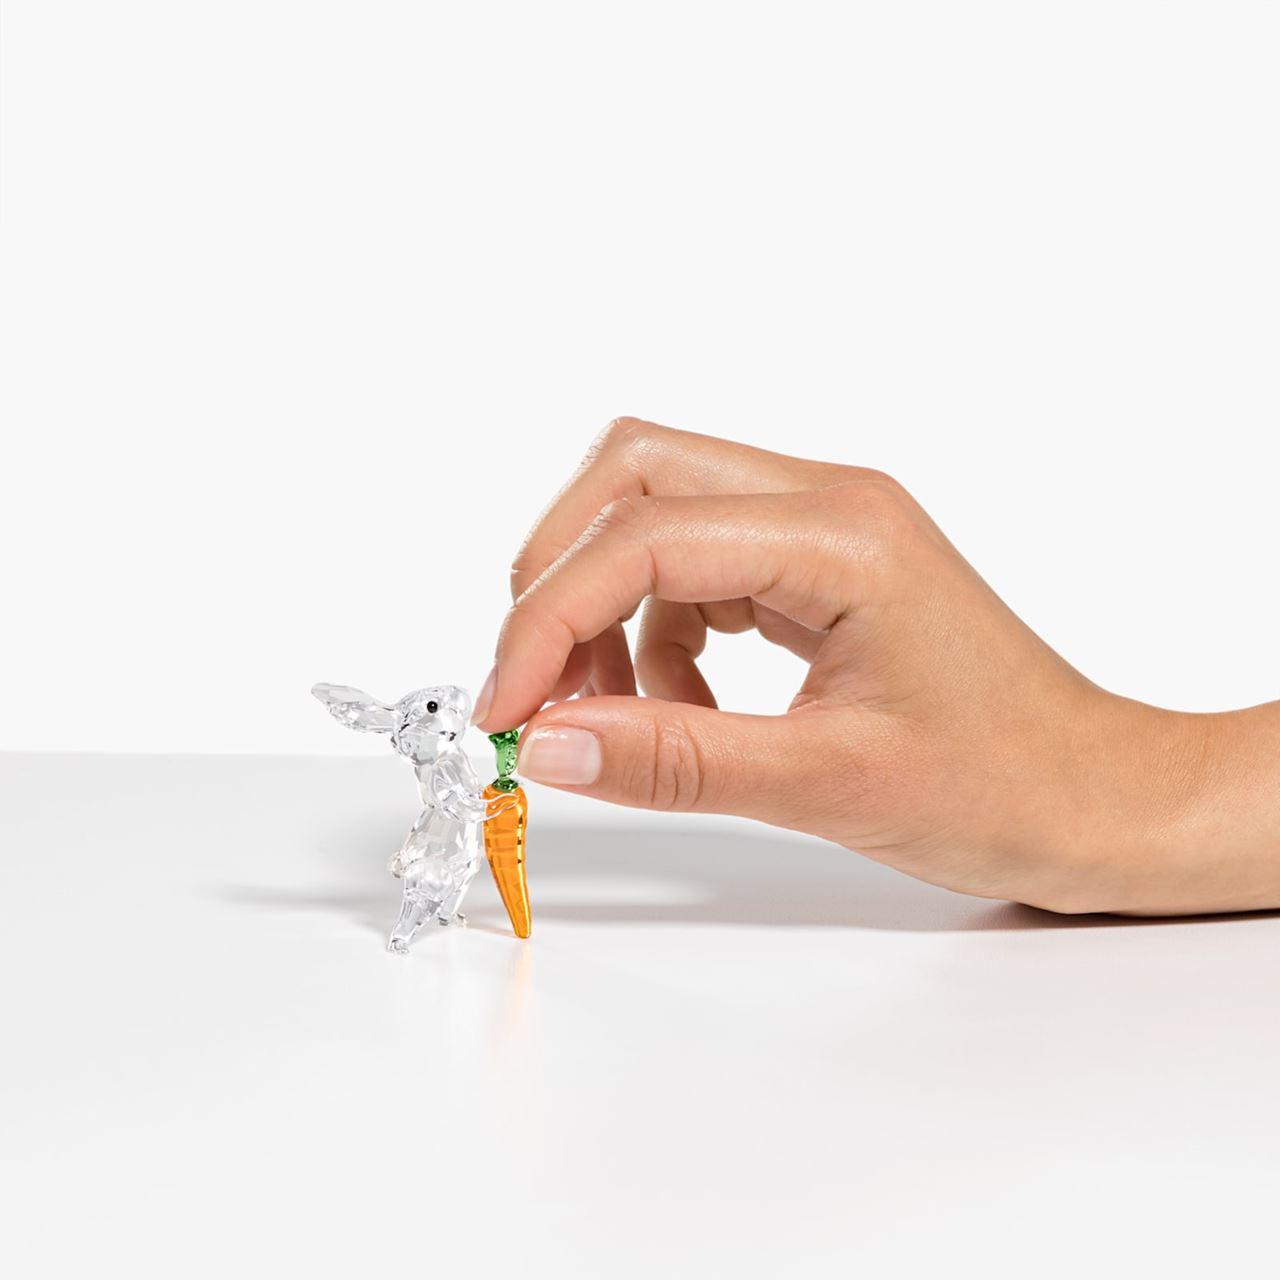 Rabbit with Carrot by Swarovski